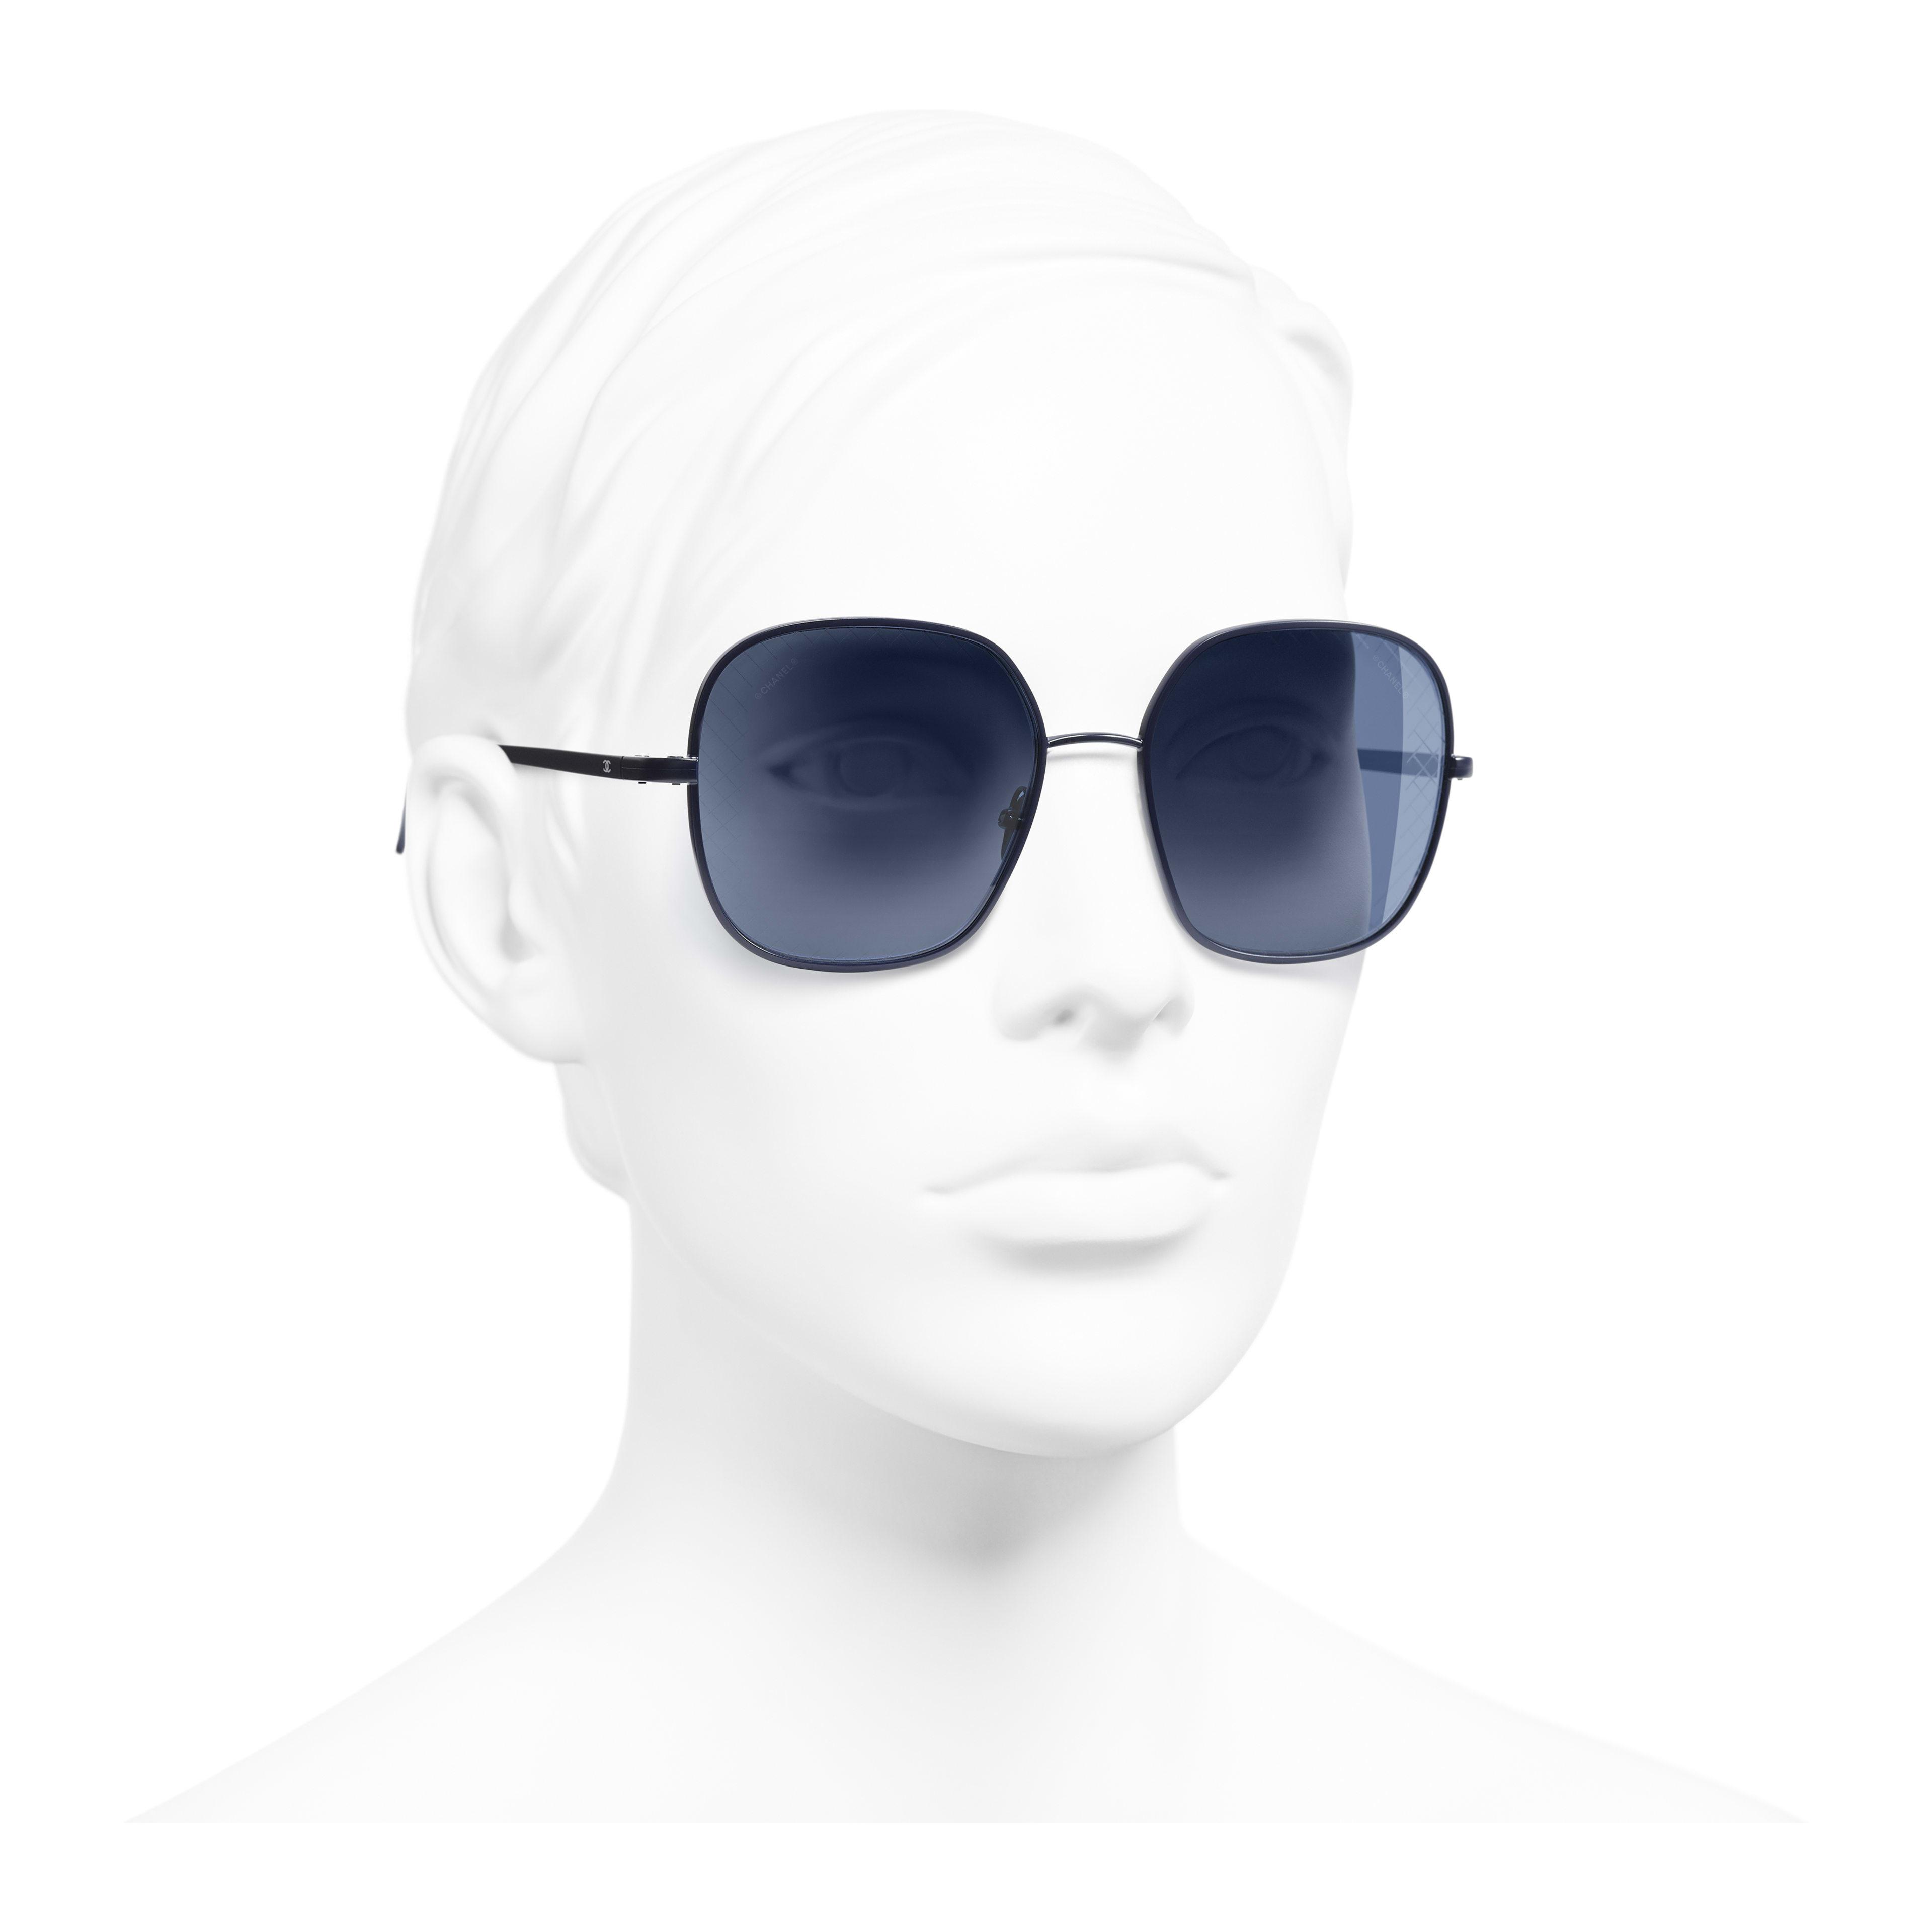 แว่นตากันแดดทรงเหลี่ยม - สีฟ้า - โลหะ - มุมมองการสวมใส่ 3/4 - ดูเวอร์ชันขนาดเต็ม